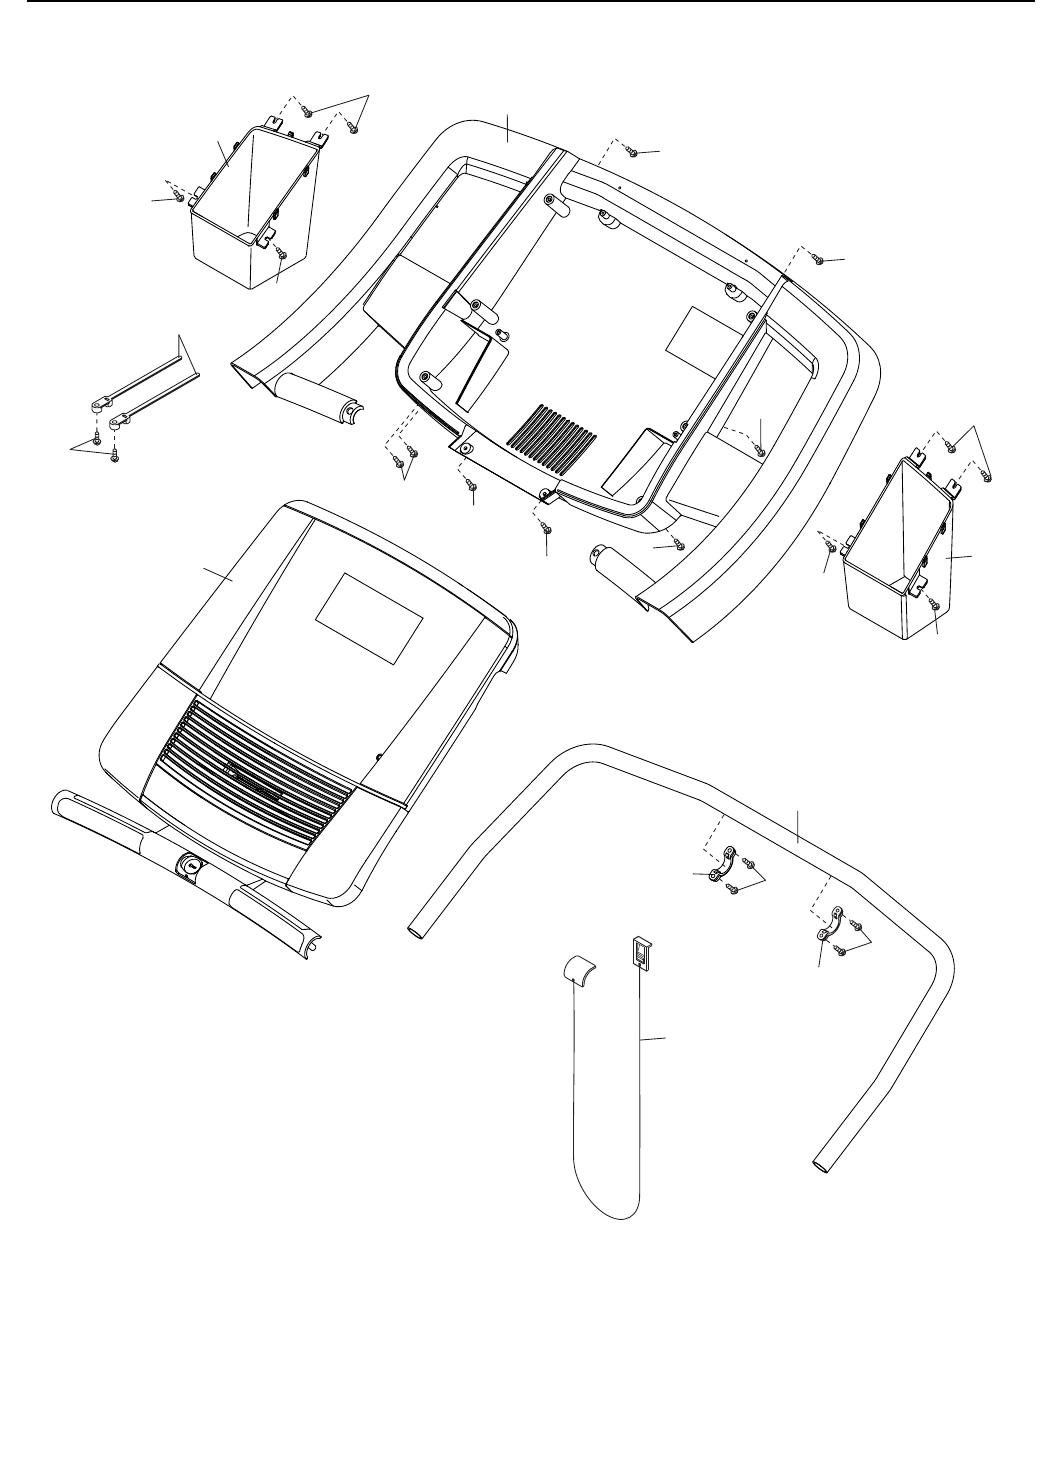 Proform Pftl606140 Sport 500 S Treadmill Users Manual